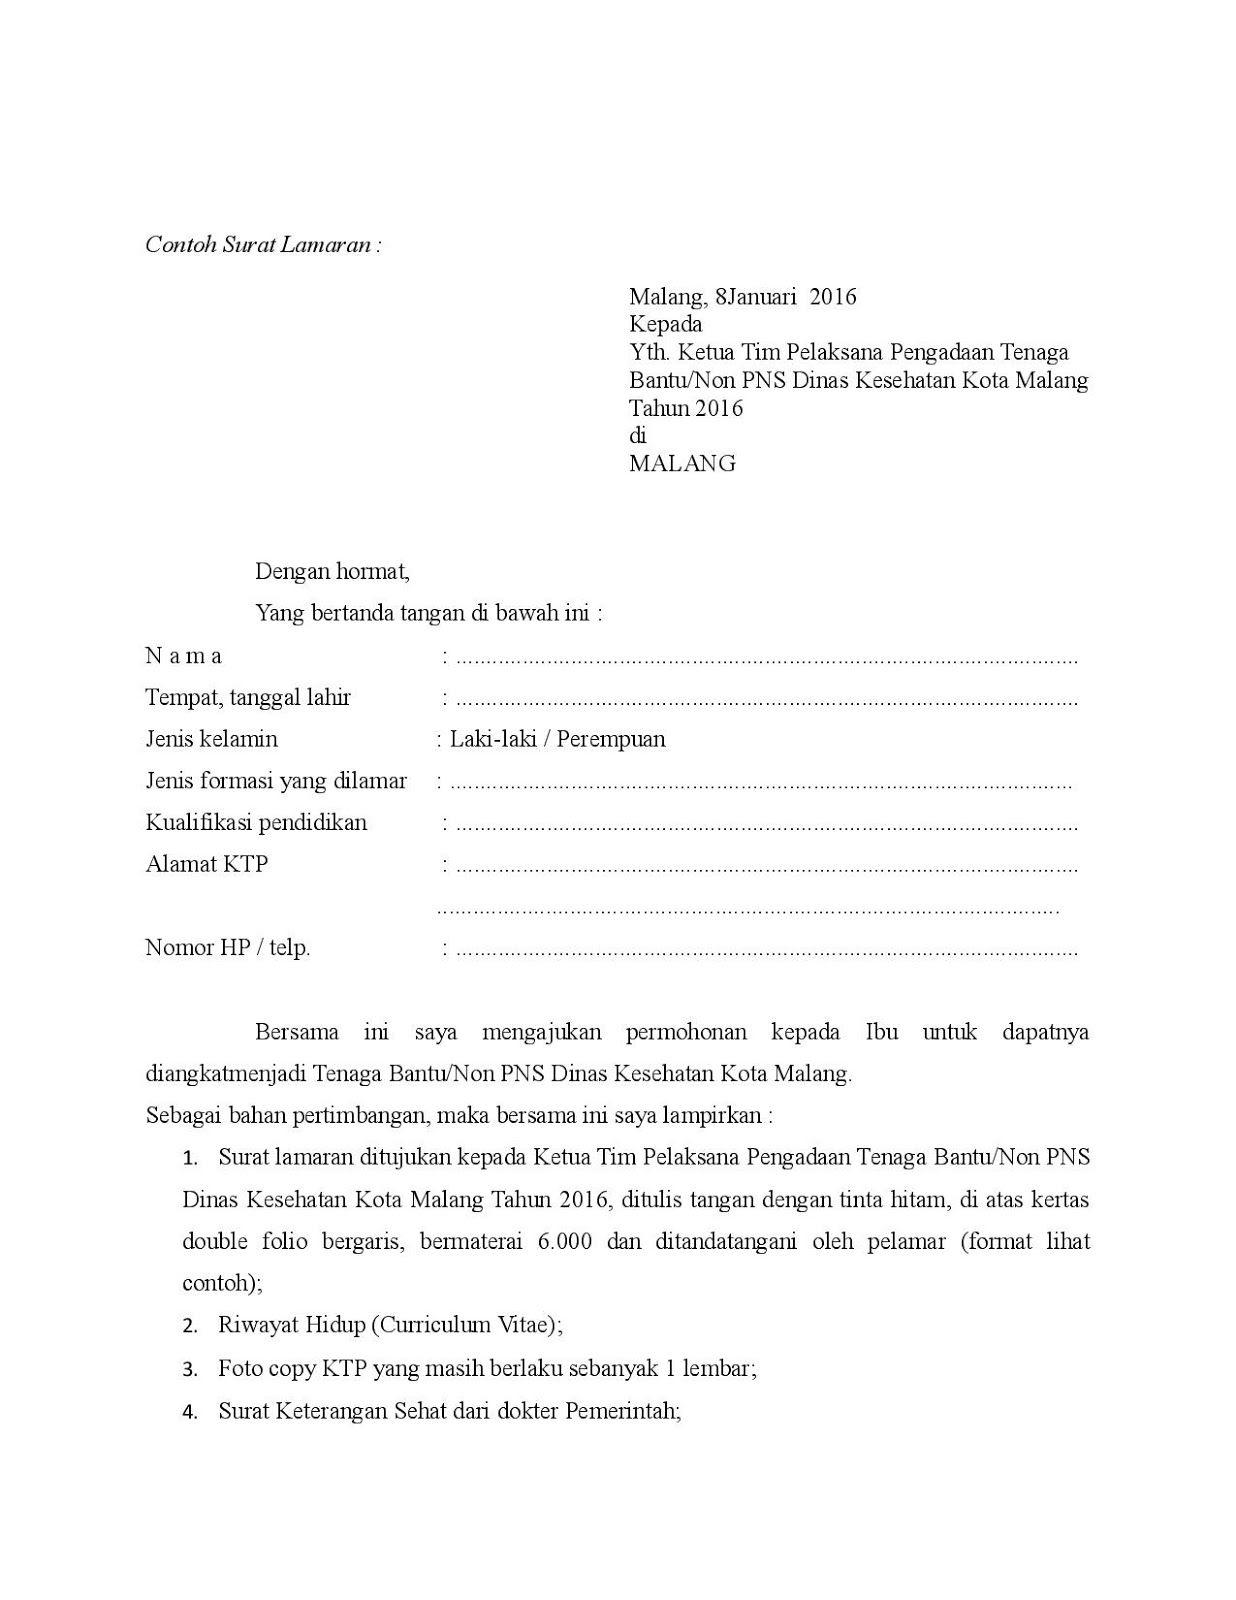 Contoh Surat Pernyataan Dengan Materai